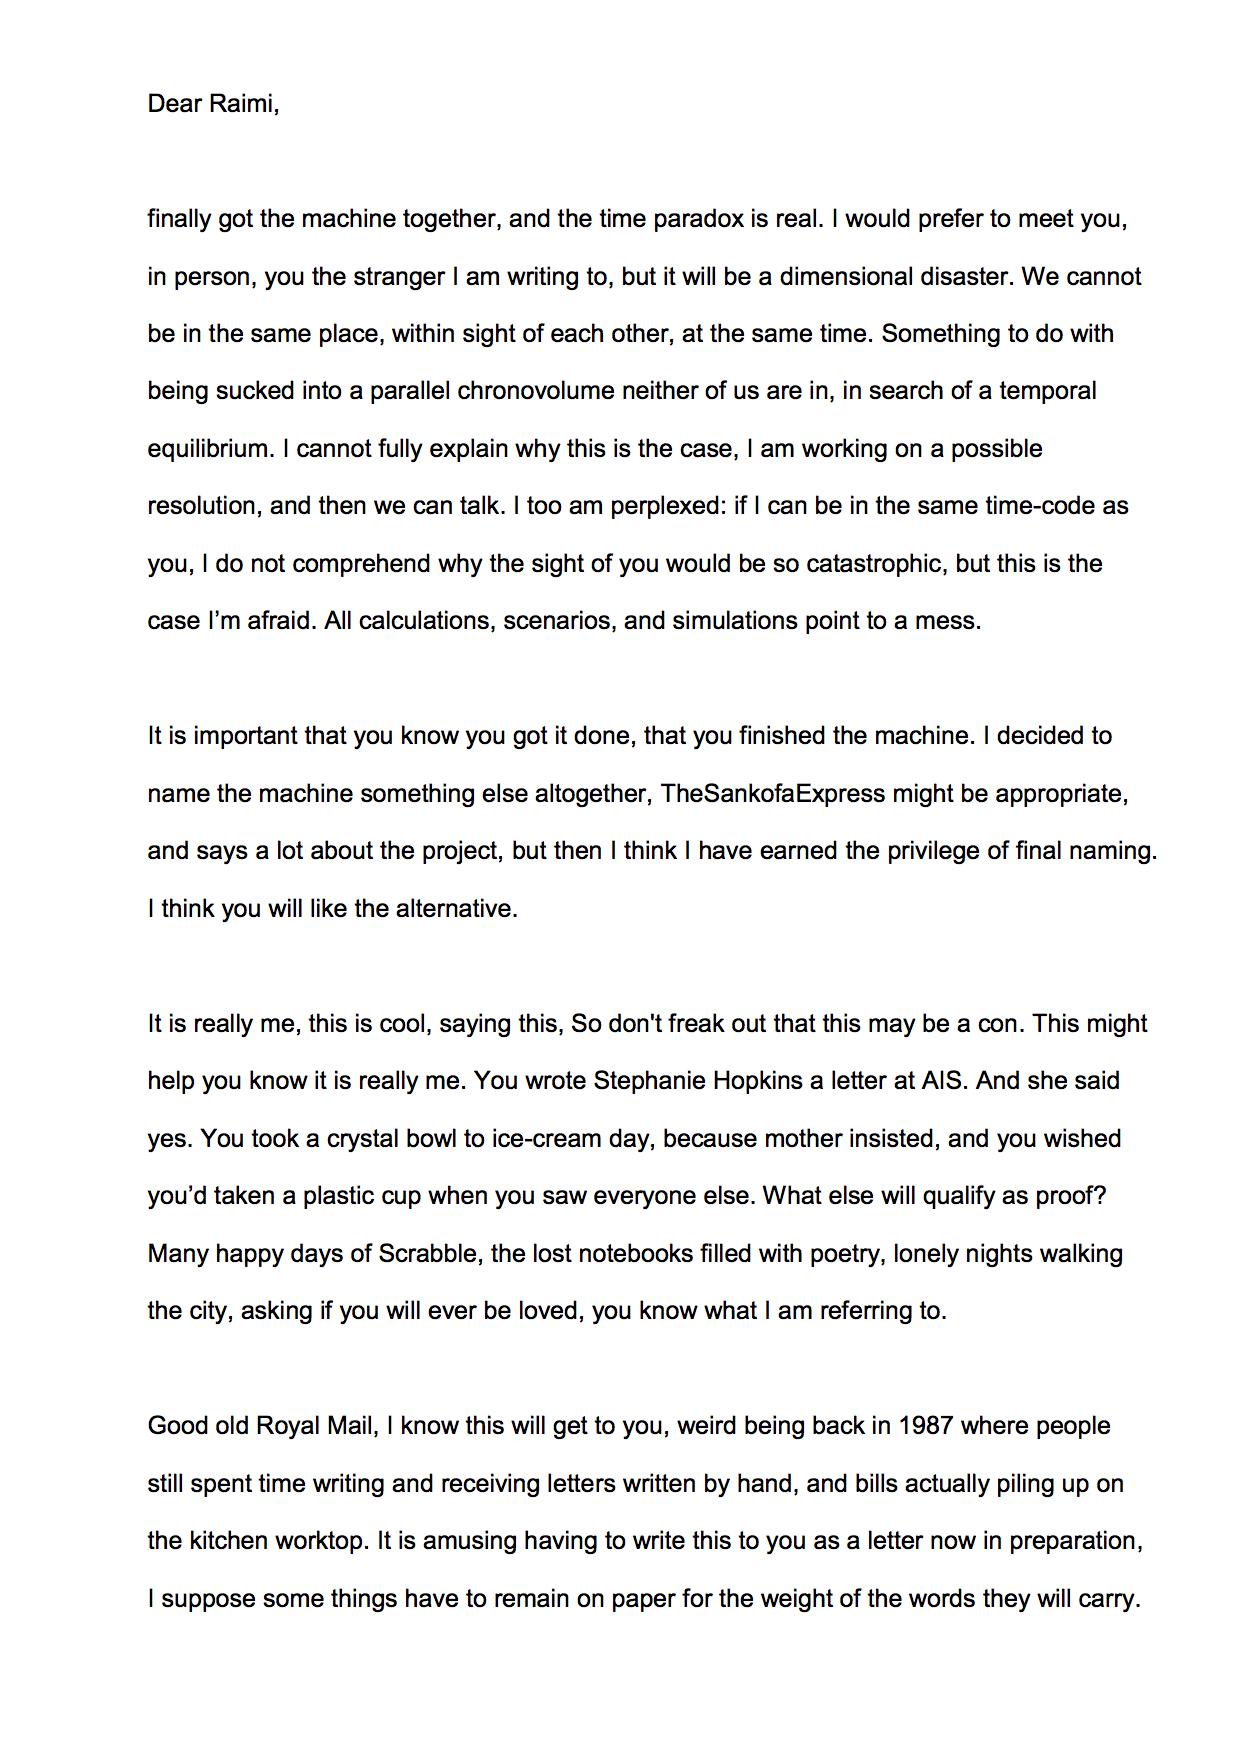 Raimi_s Letter .jpg